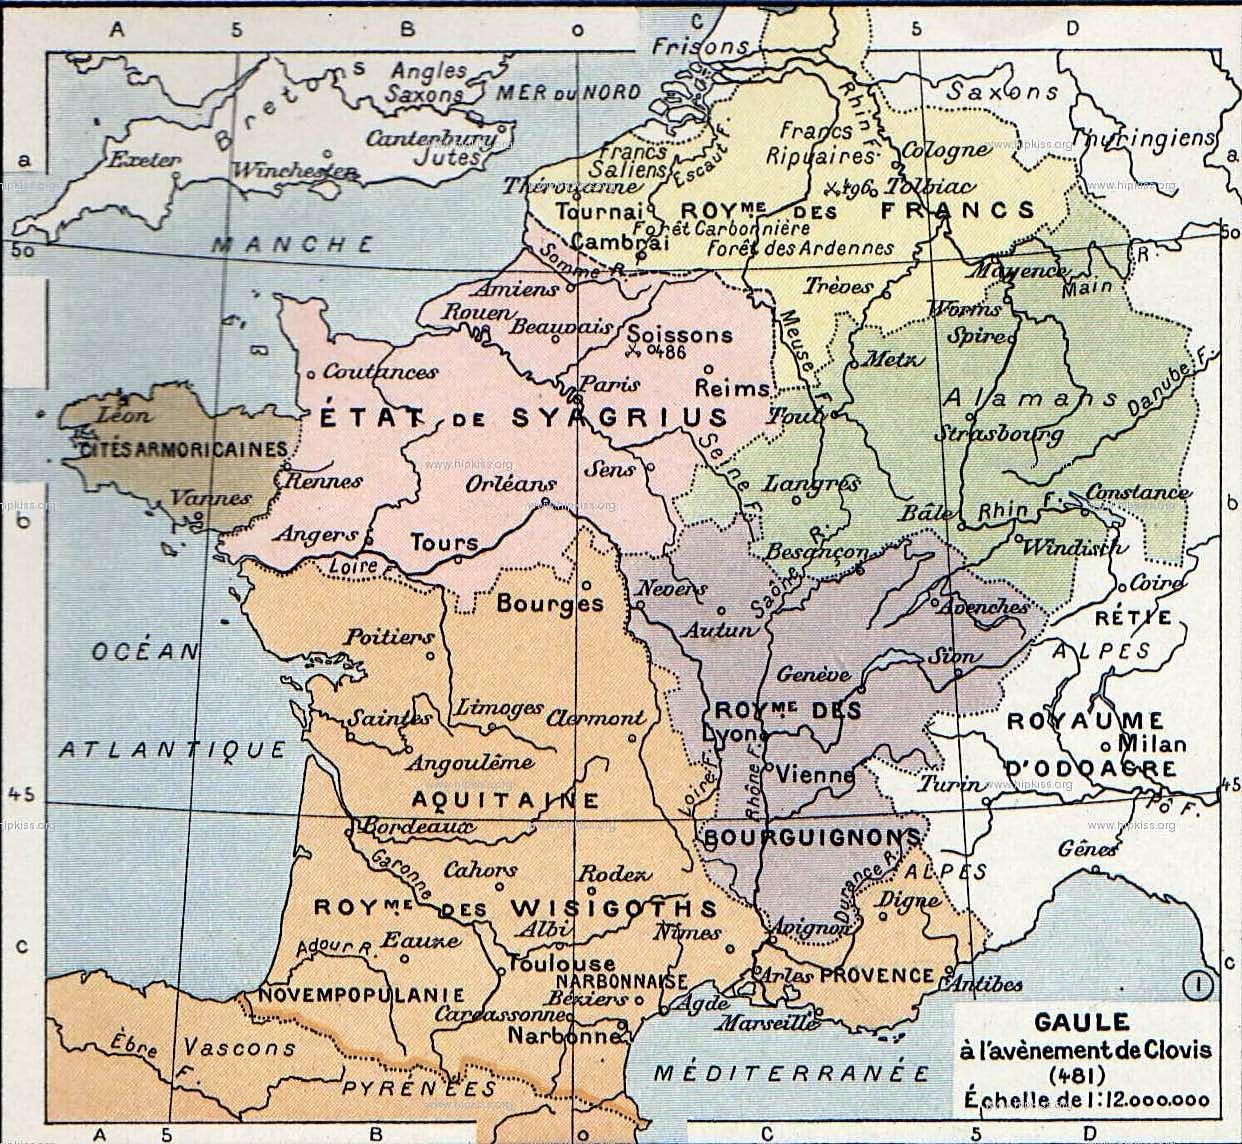 Οι πολιτικοί διαχωρισμοί της Γαλατίας στην αρχή της σταδιοδρομίας του Χλωδοβίκου (481). Μέχρι το θάνατό του το 511 δεν έχουν κατακτηθεί μόνο το Βουργουνδικό βασίλειο και η Σεπτιμανία.